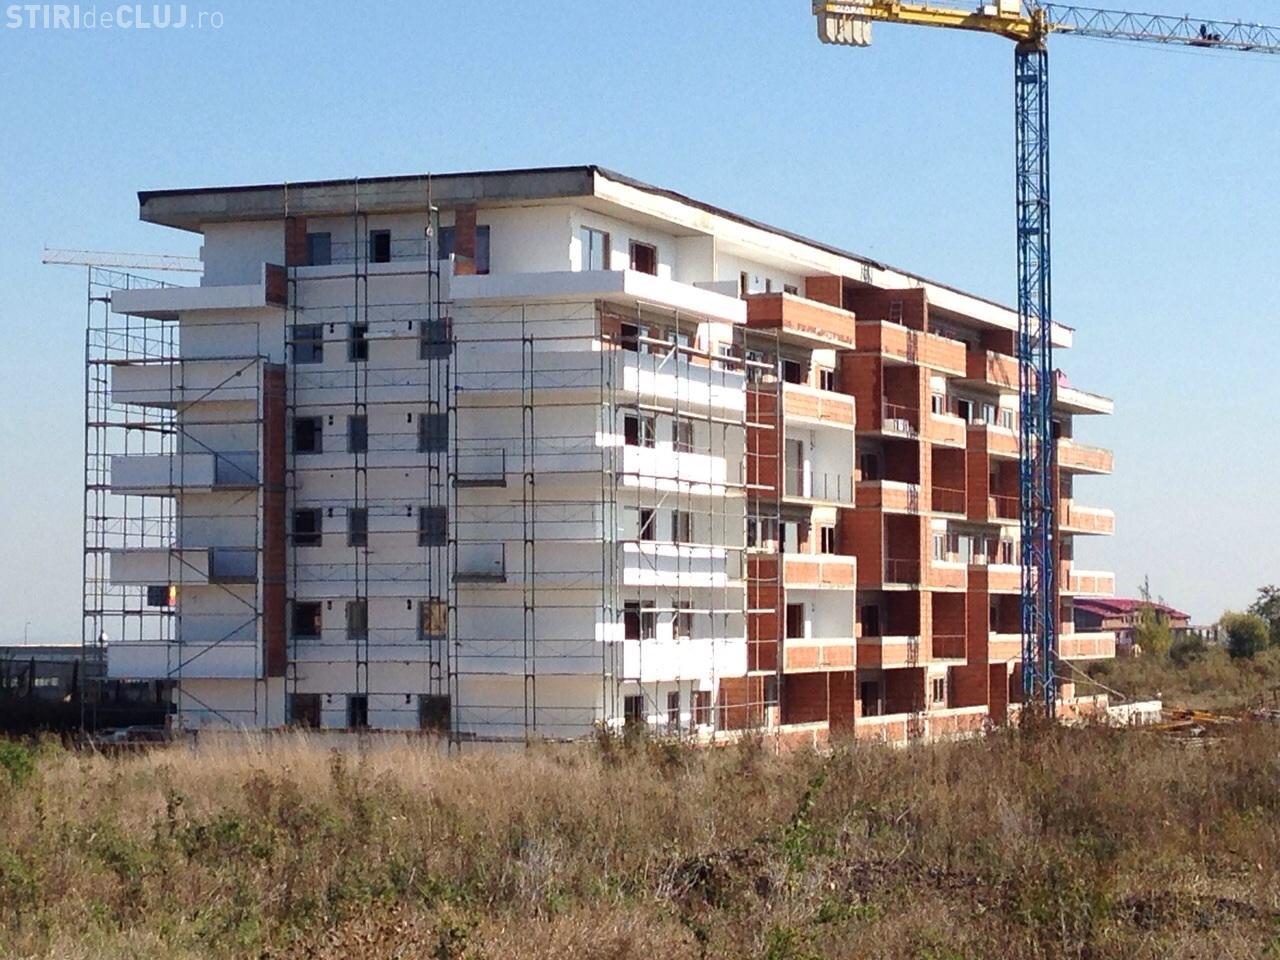 Buzdugan are liber să construiască ÎNTRE VILE ansamblul Luminia pe strada Eugen Ionesco